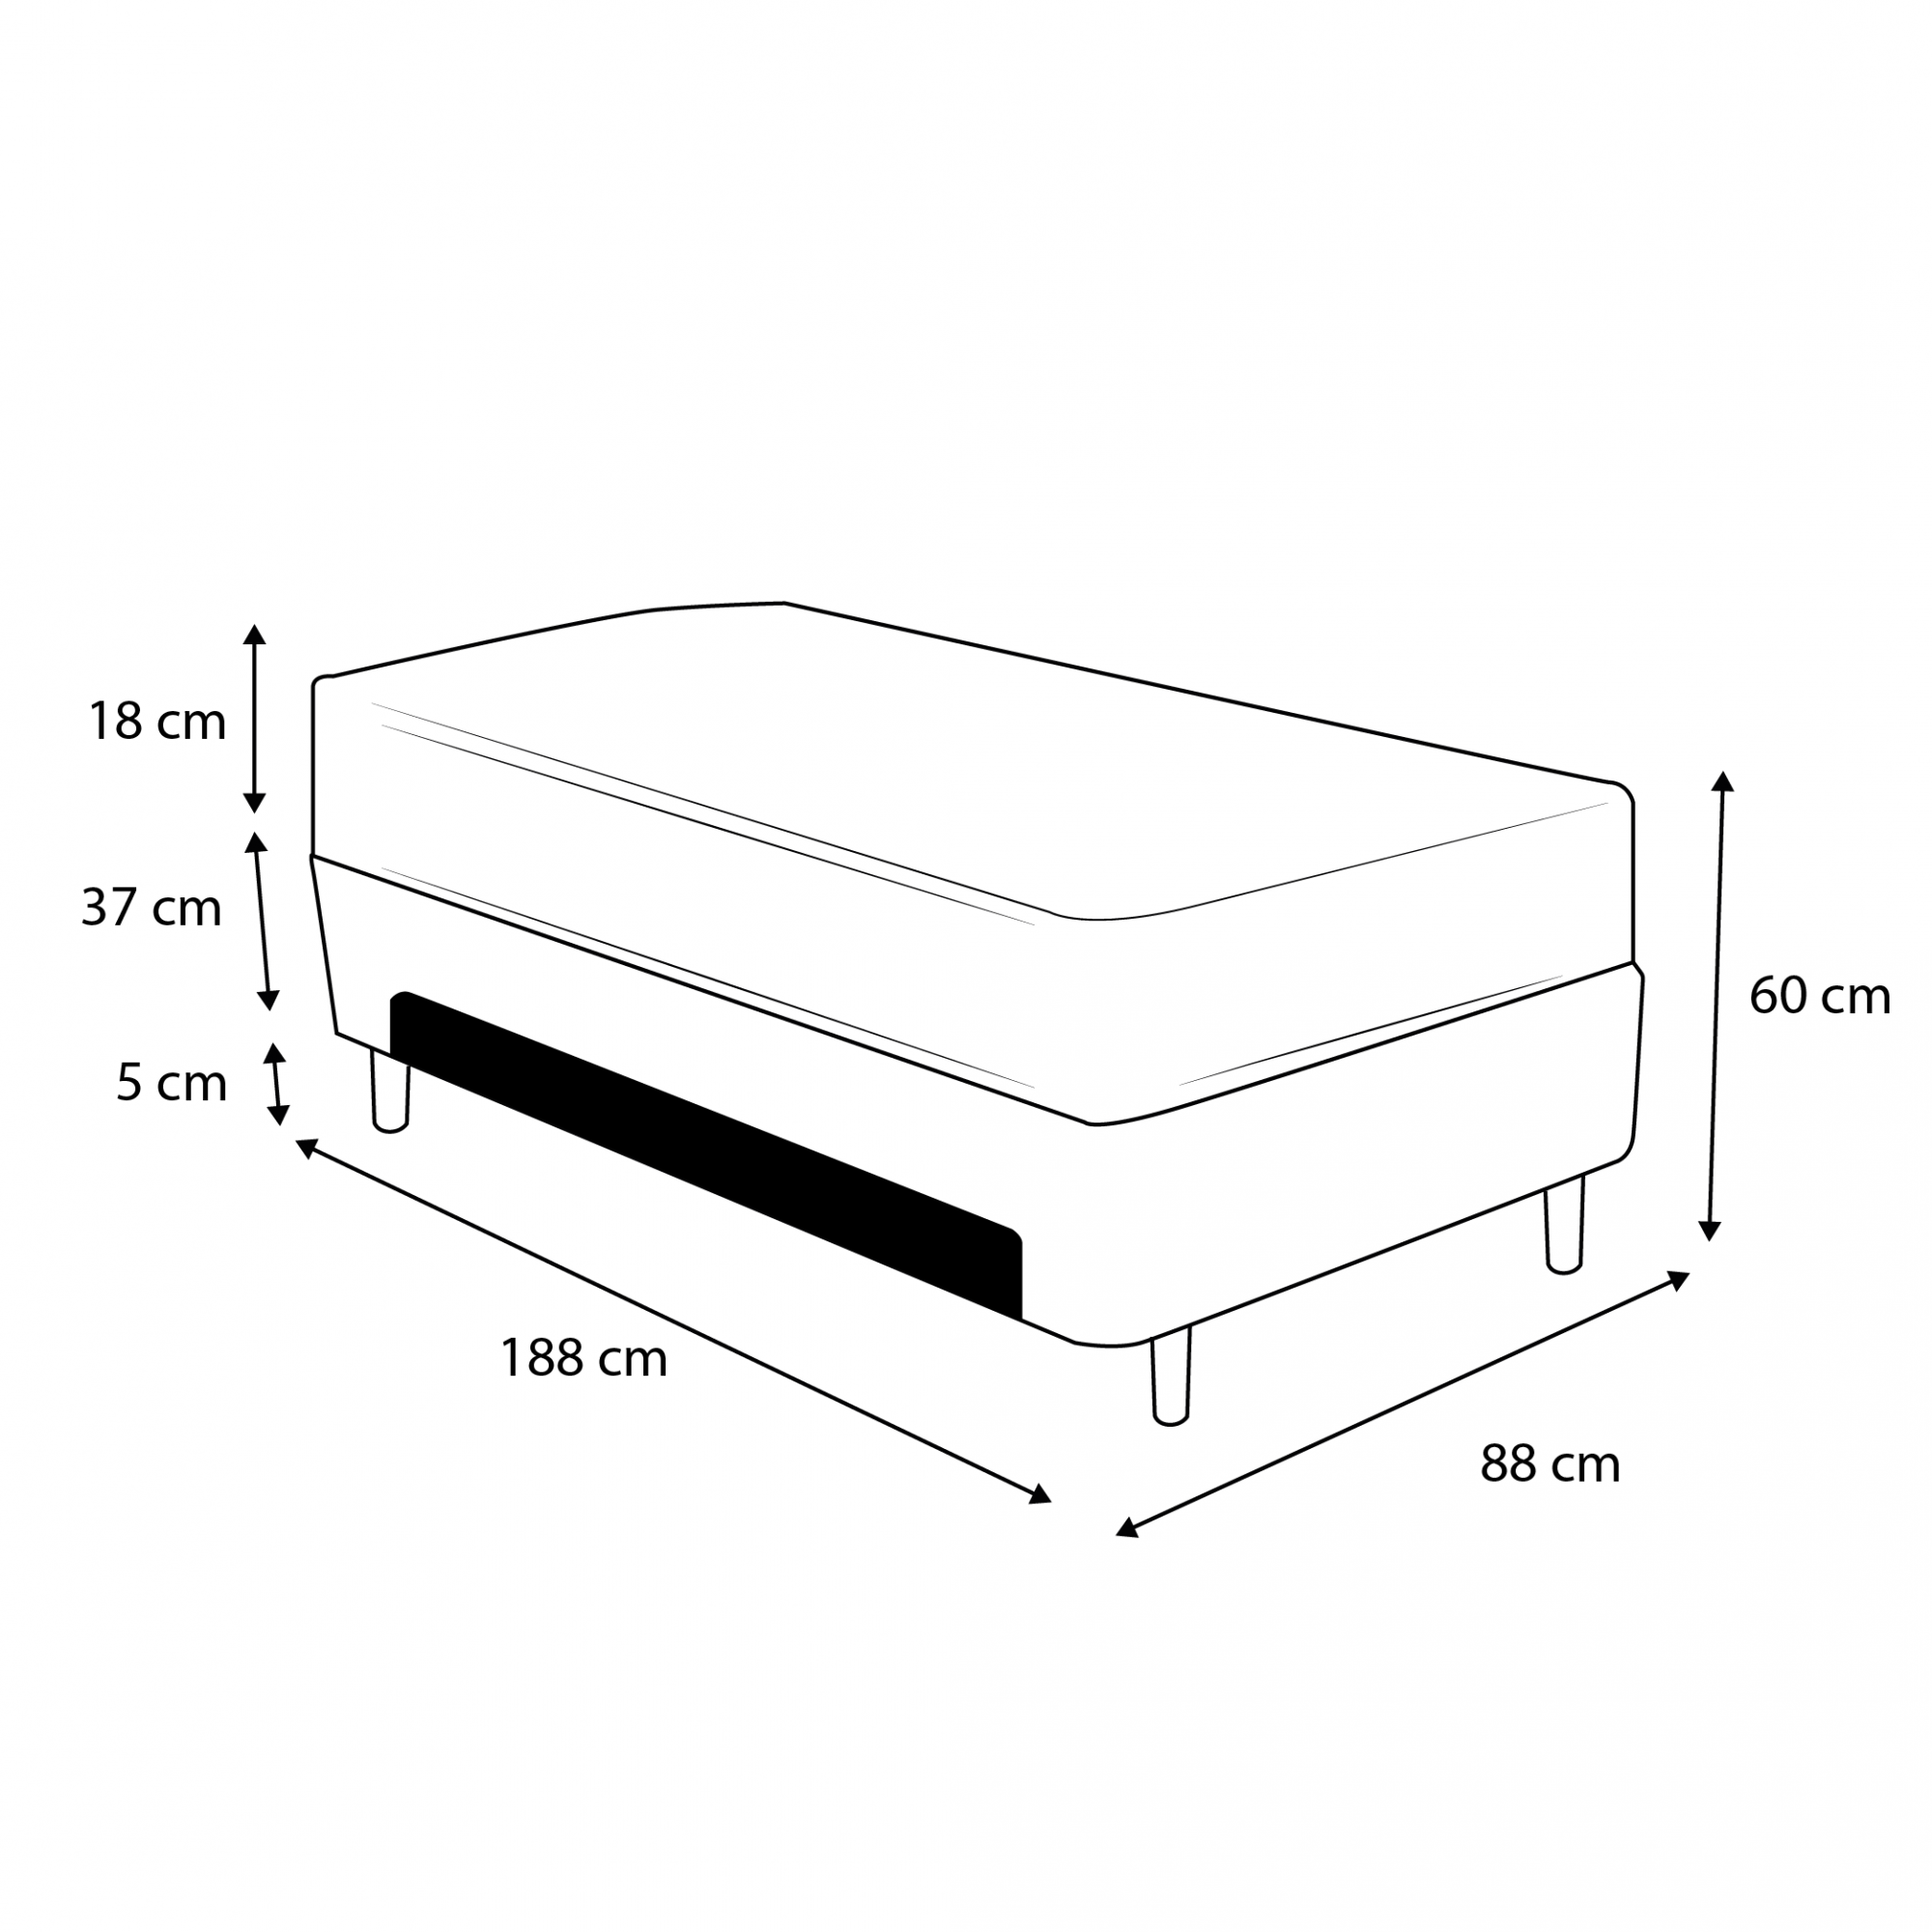 Cama Box Baú Auxiliar Solteiro Branca + Colchão Molas Superlastic Solteiro - Comfort Prime - Coil Crystal 88x188x60cm